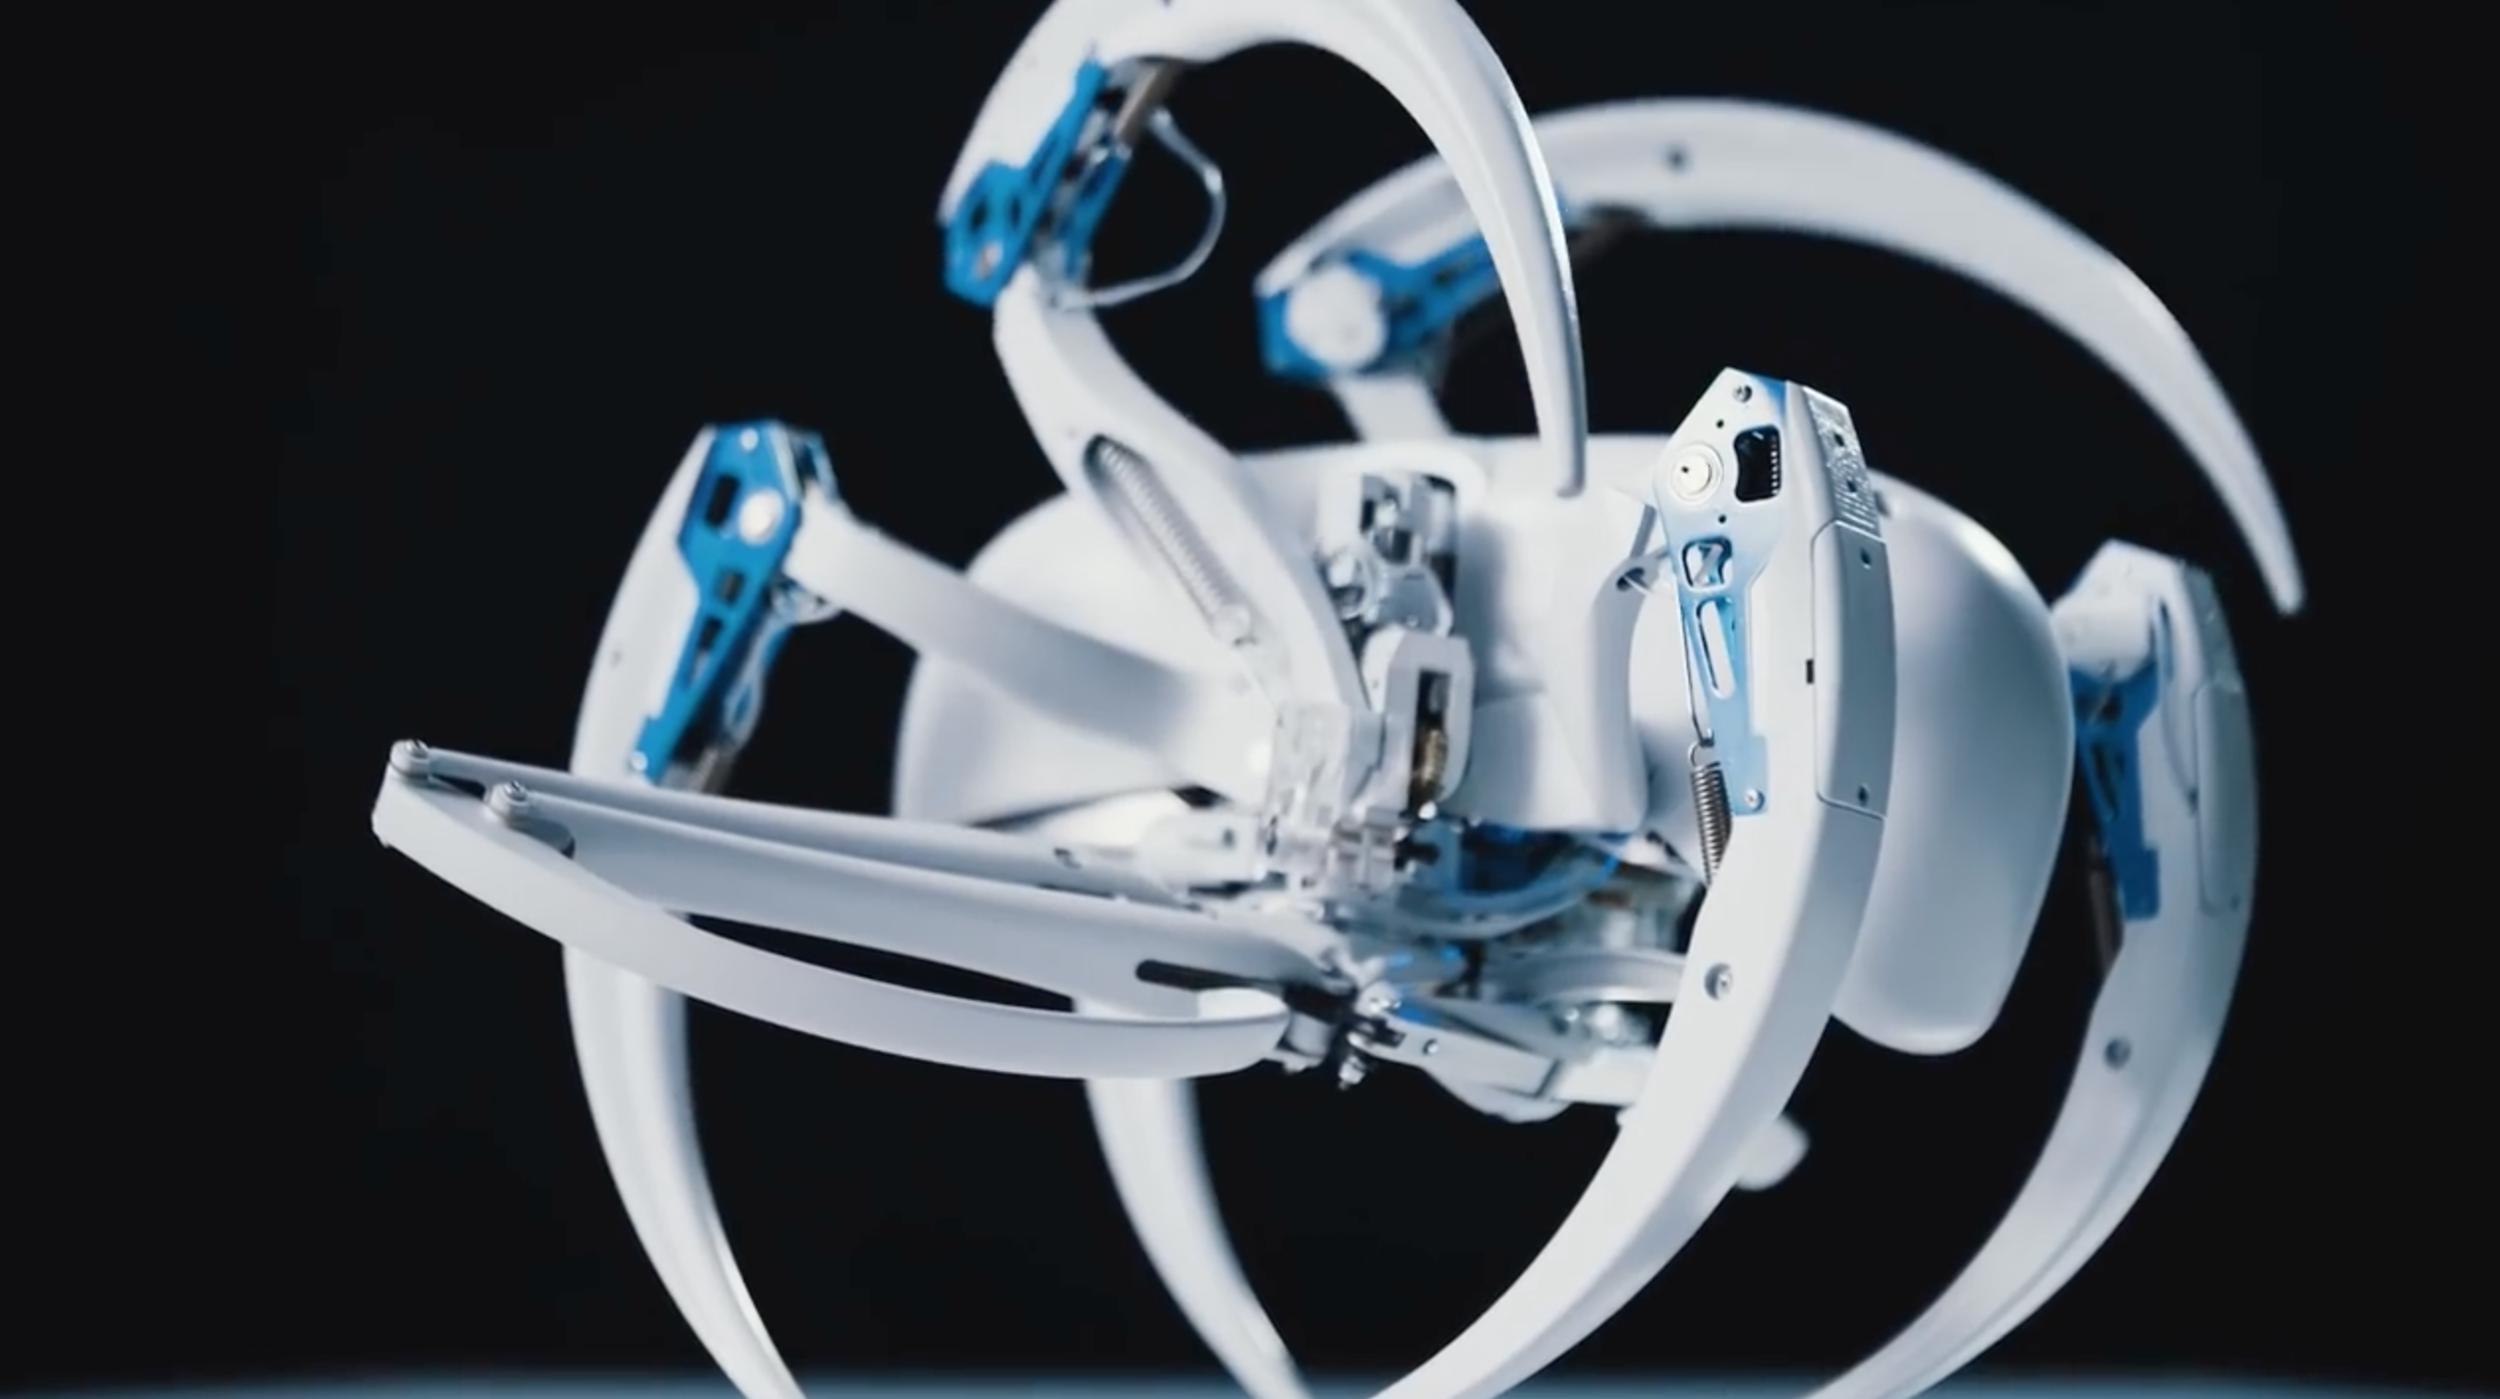 BionicWheelBot by Festo